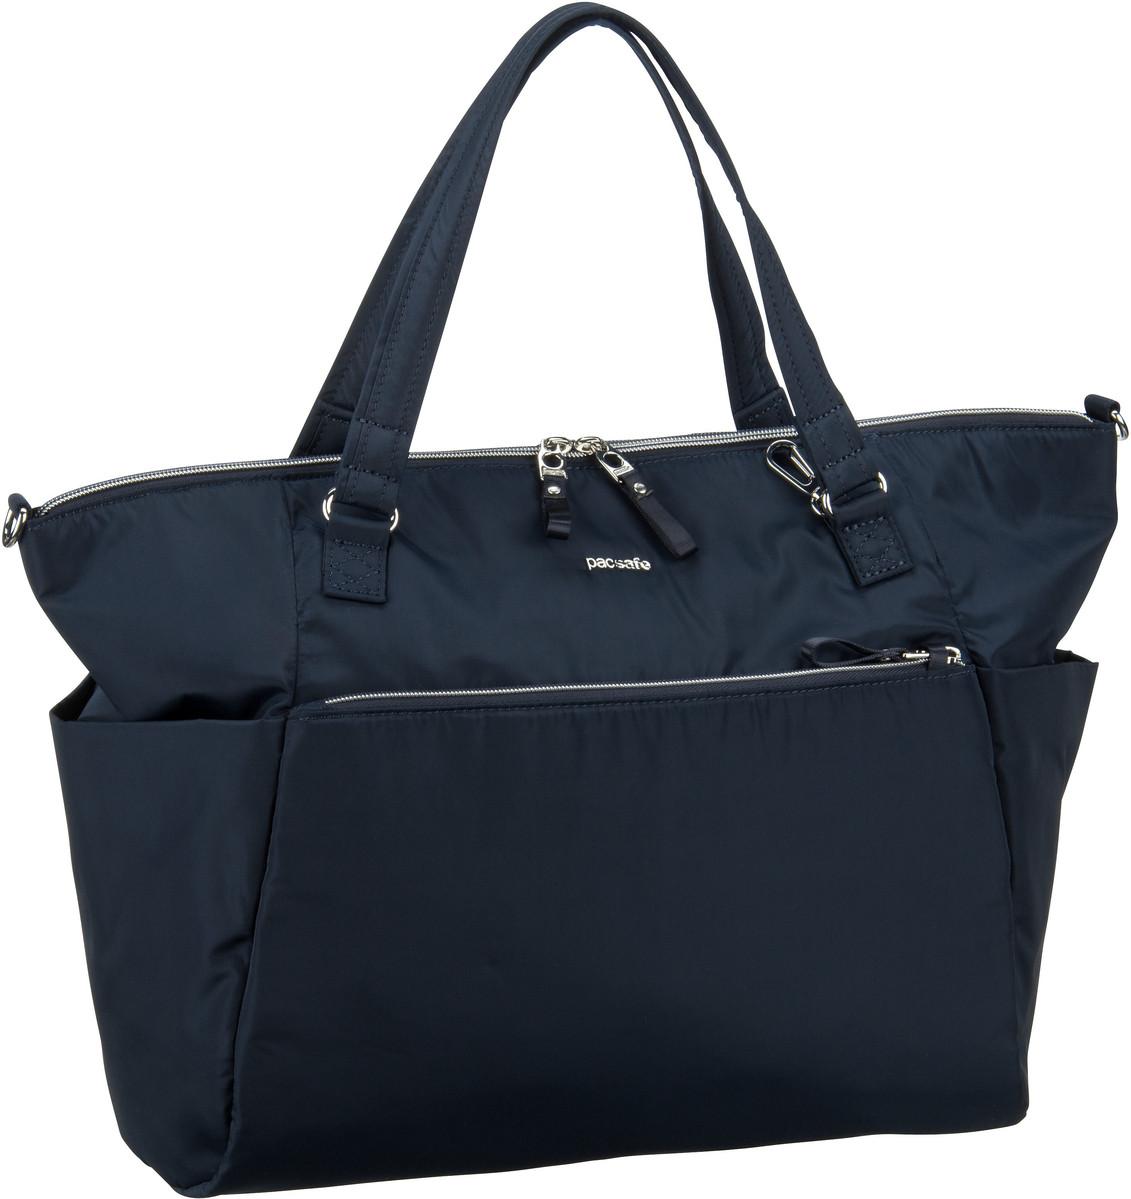 Pacsafe Handtasche Stylesafe Tote Navy (14.5 Liter)